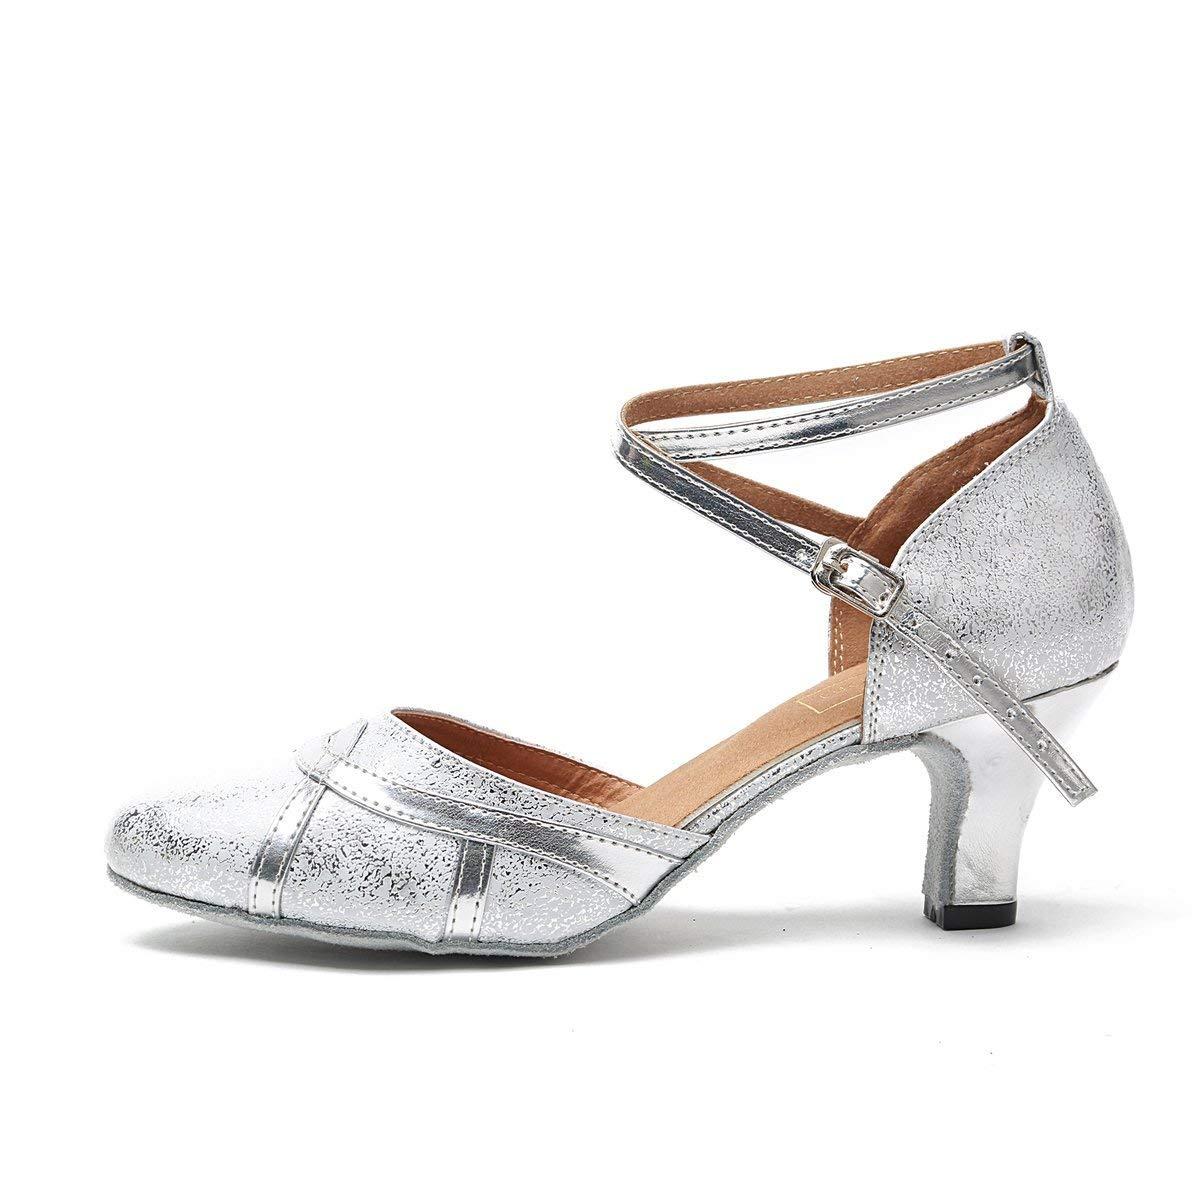 ZHRUI Zapatos de Baile de de de Salsa Latina sintéticos de tacón Plateado para Mujer de 2,5